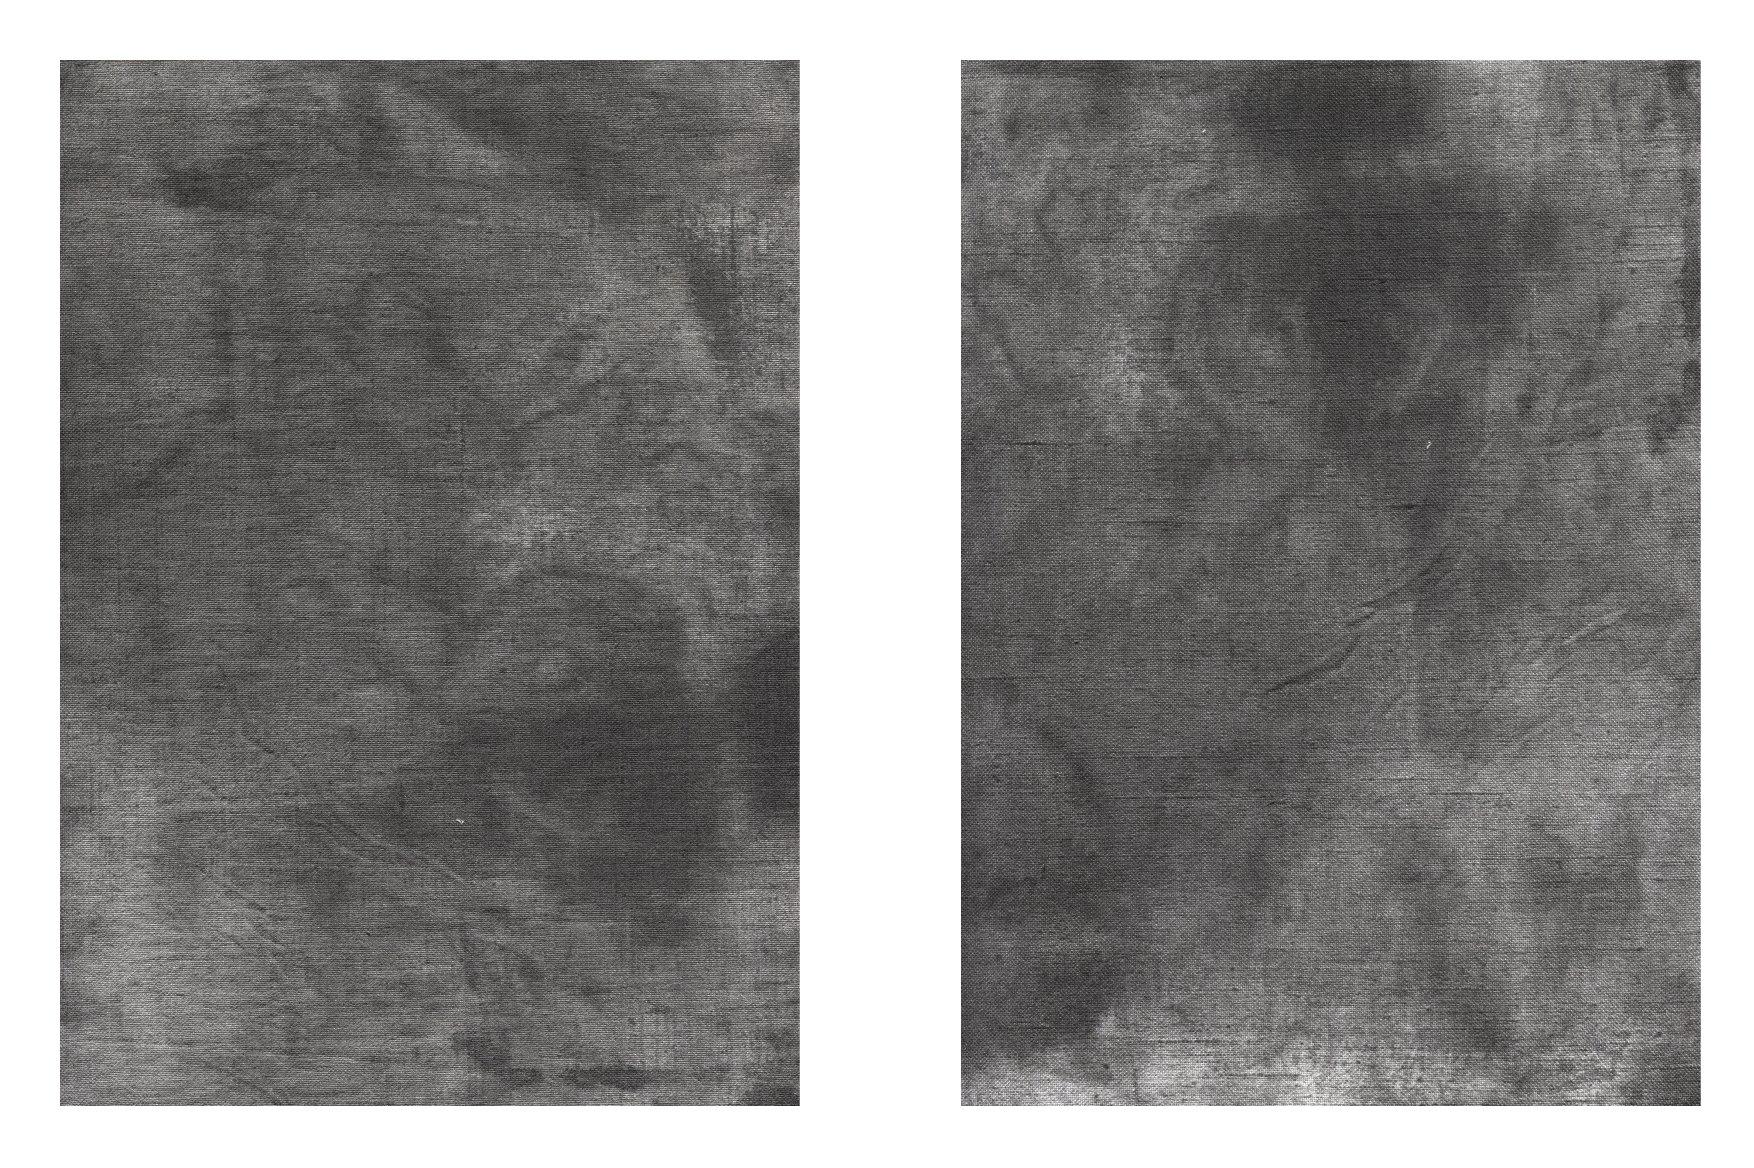 156款复古做旧折痕磨损褶皱纸张背景纹理素材合集 The Grunge Texture Bundle Vol. 1插图(22)